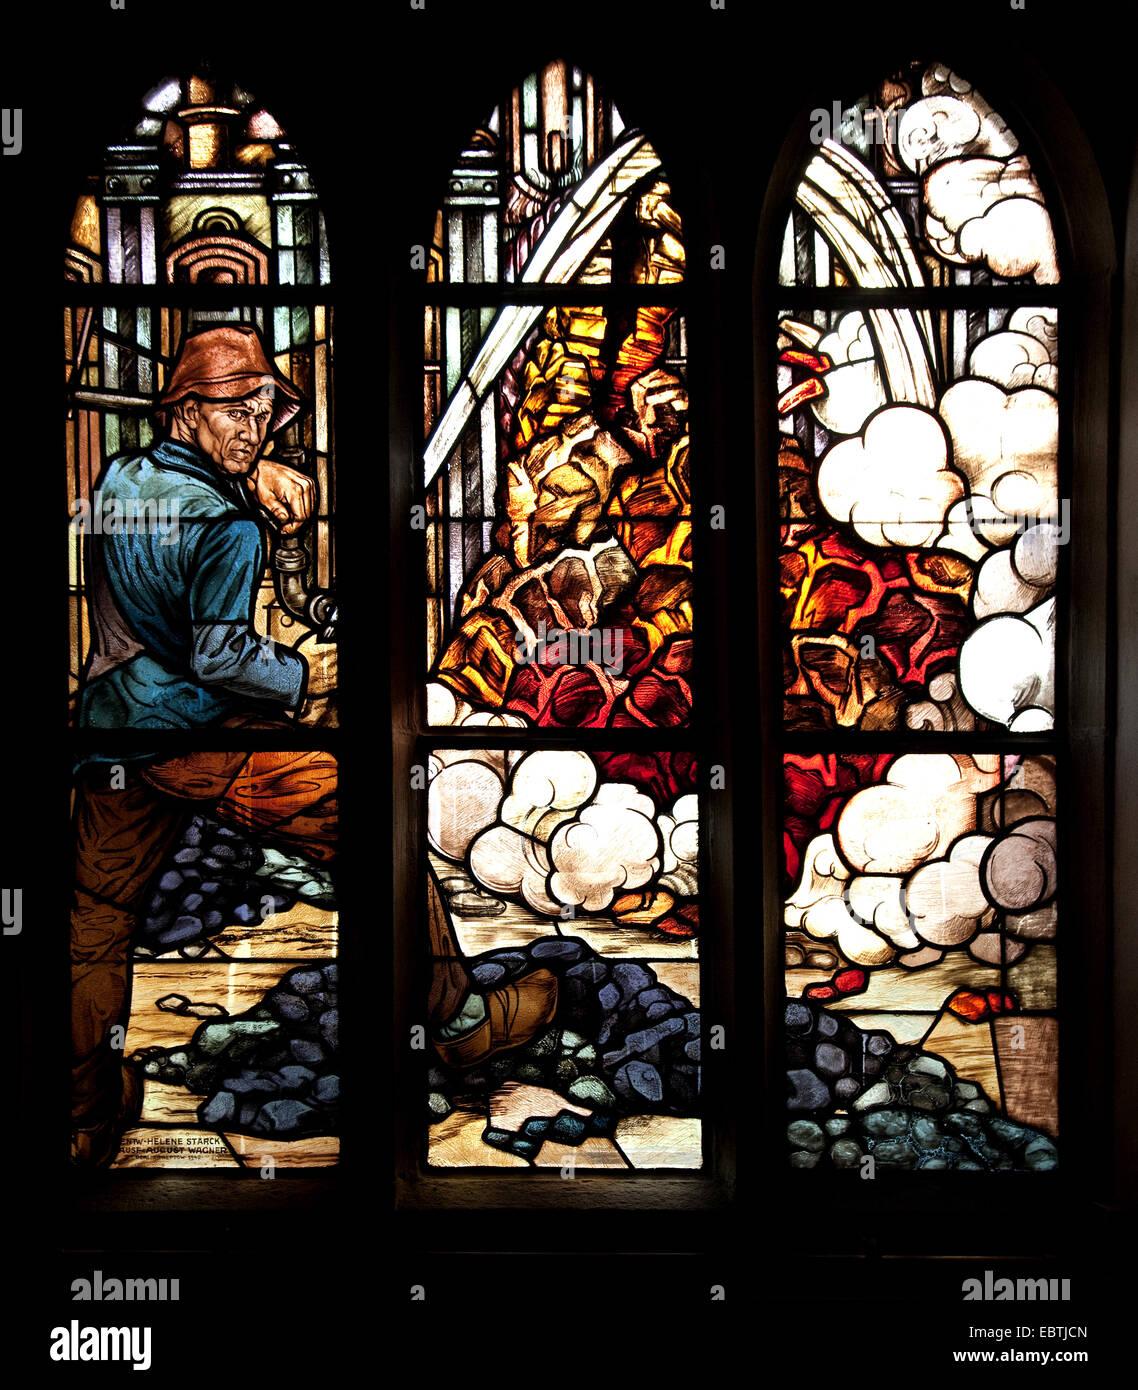 Fenster Bochum bunte fenster mit kohle bergmann thema der st vinzentius kirche